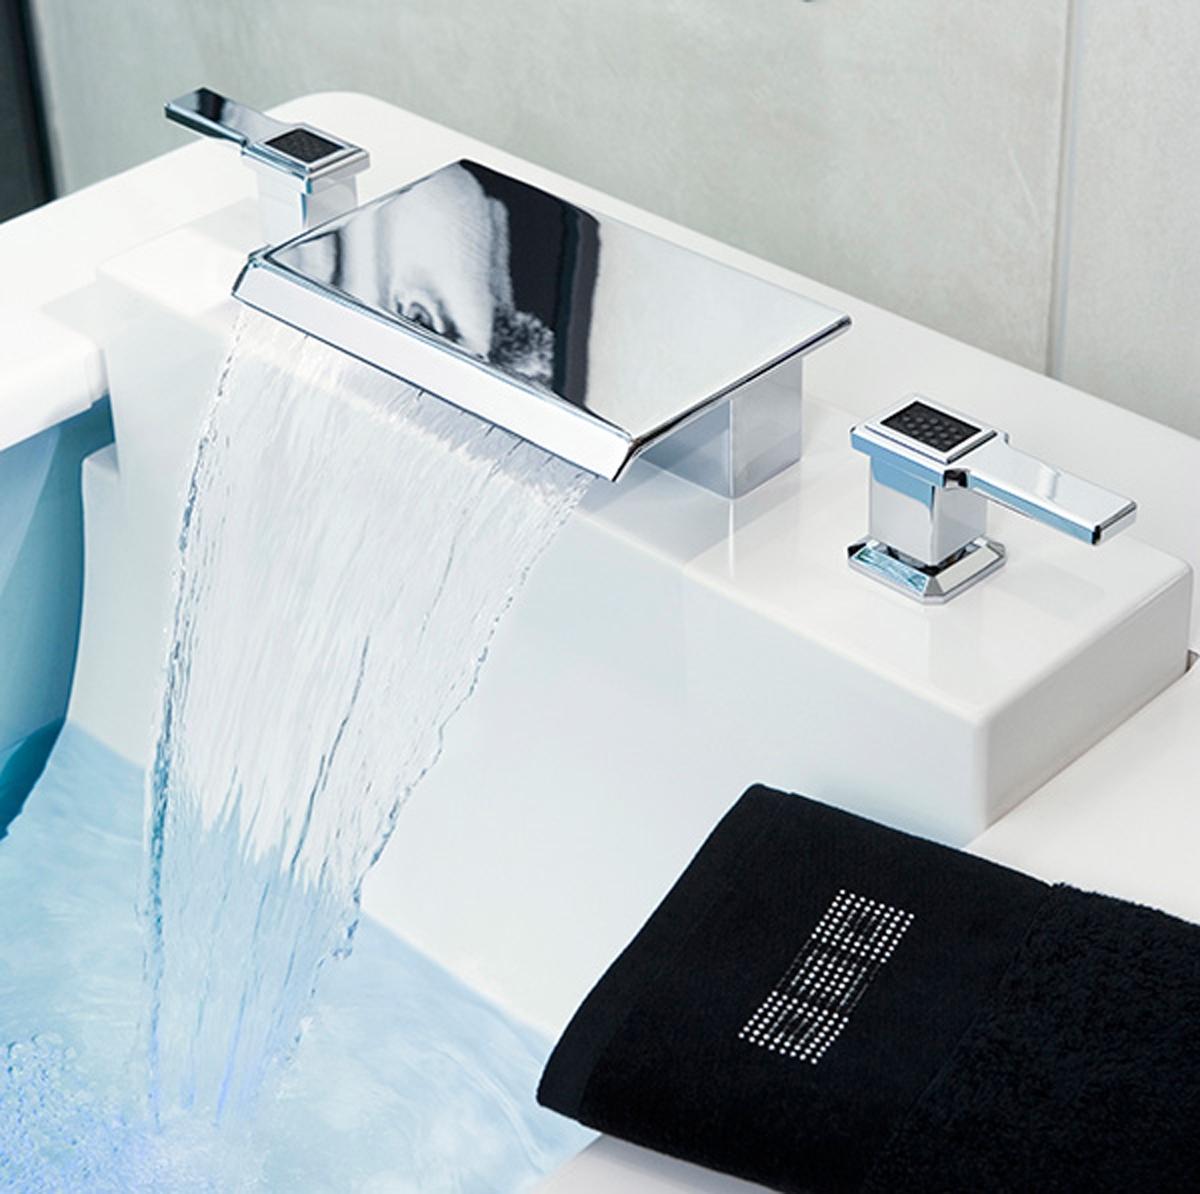 ultra modern bath faucets ultra modern bath faucets the latest models of modern bathroom faucets the homy design 1200 x 1194